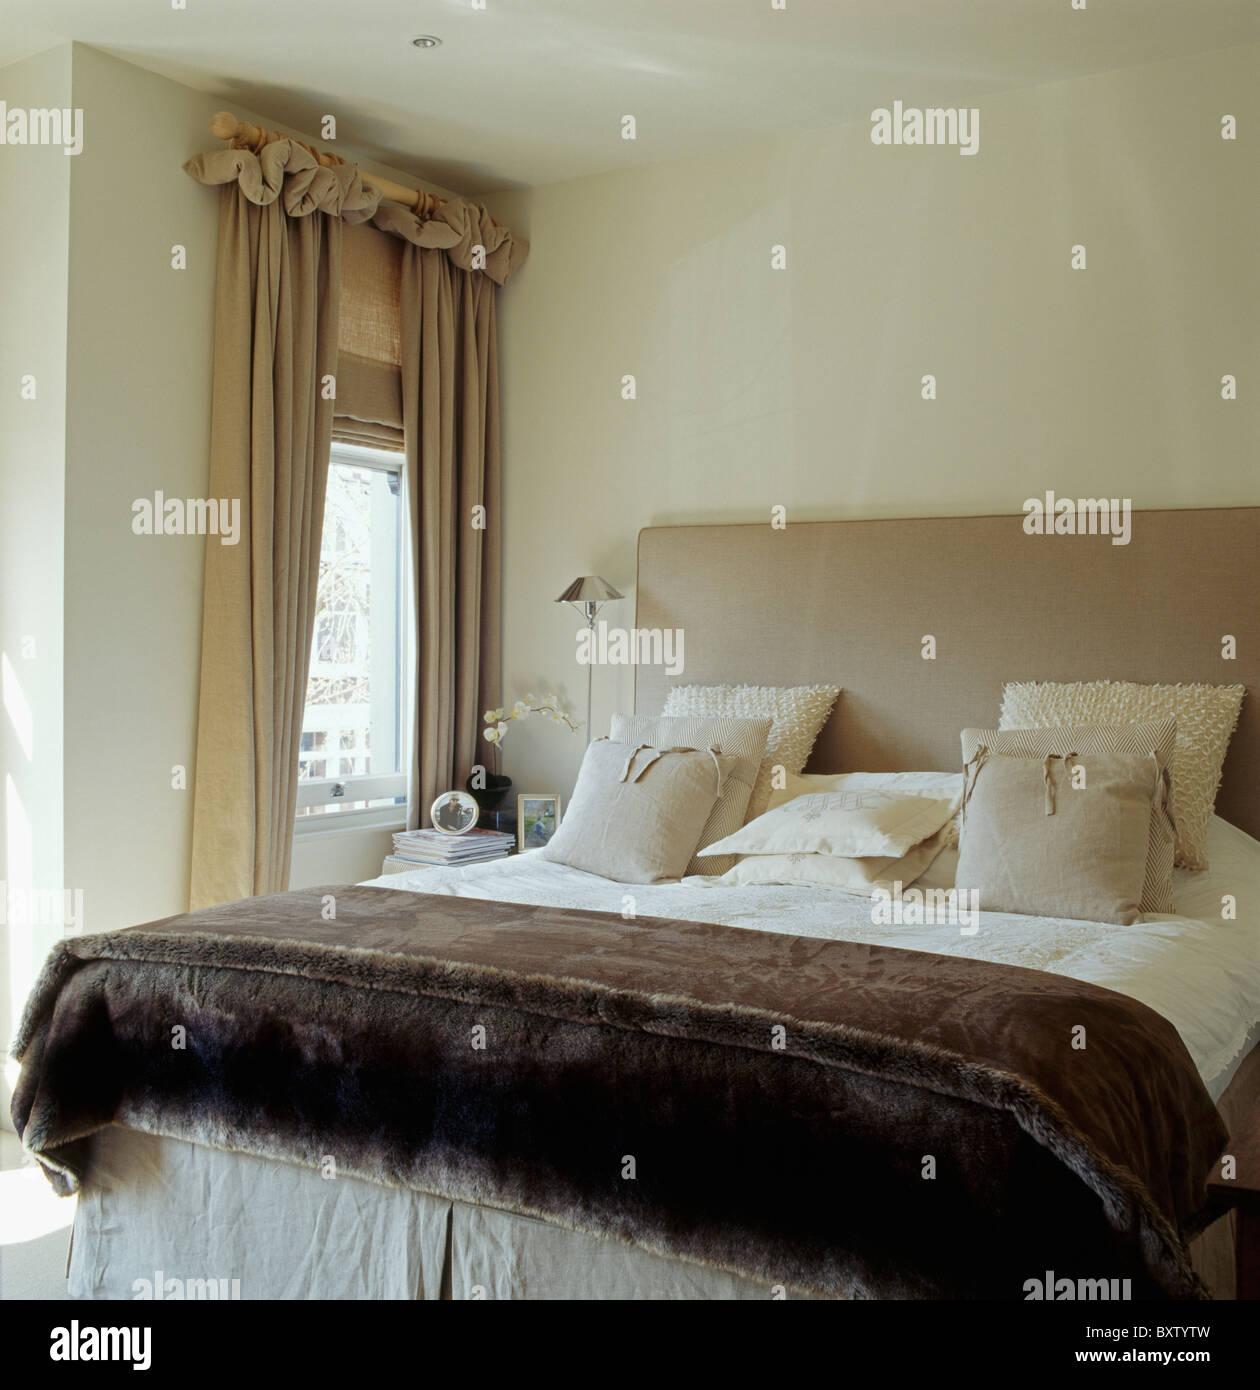 Creme Leinen Kissen Und Braunen Samt Werfen Auf Gepolsterten Bett Im  Schlafzimmer Mit Beige Leinen Gardinen Und Blind Am Fenster